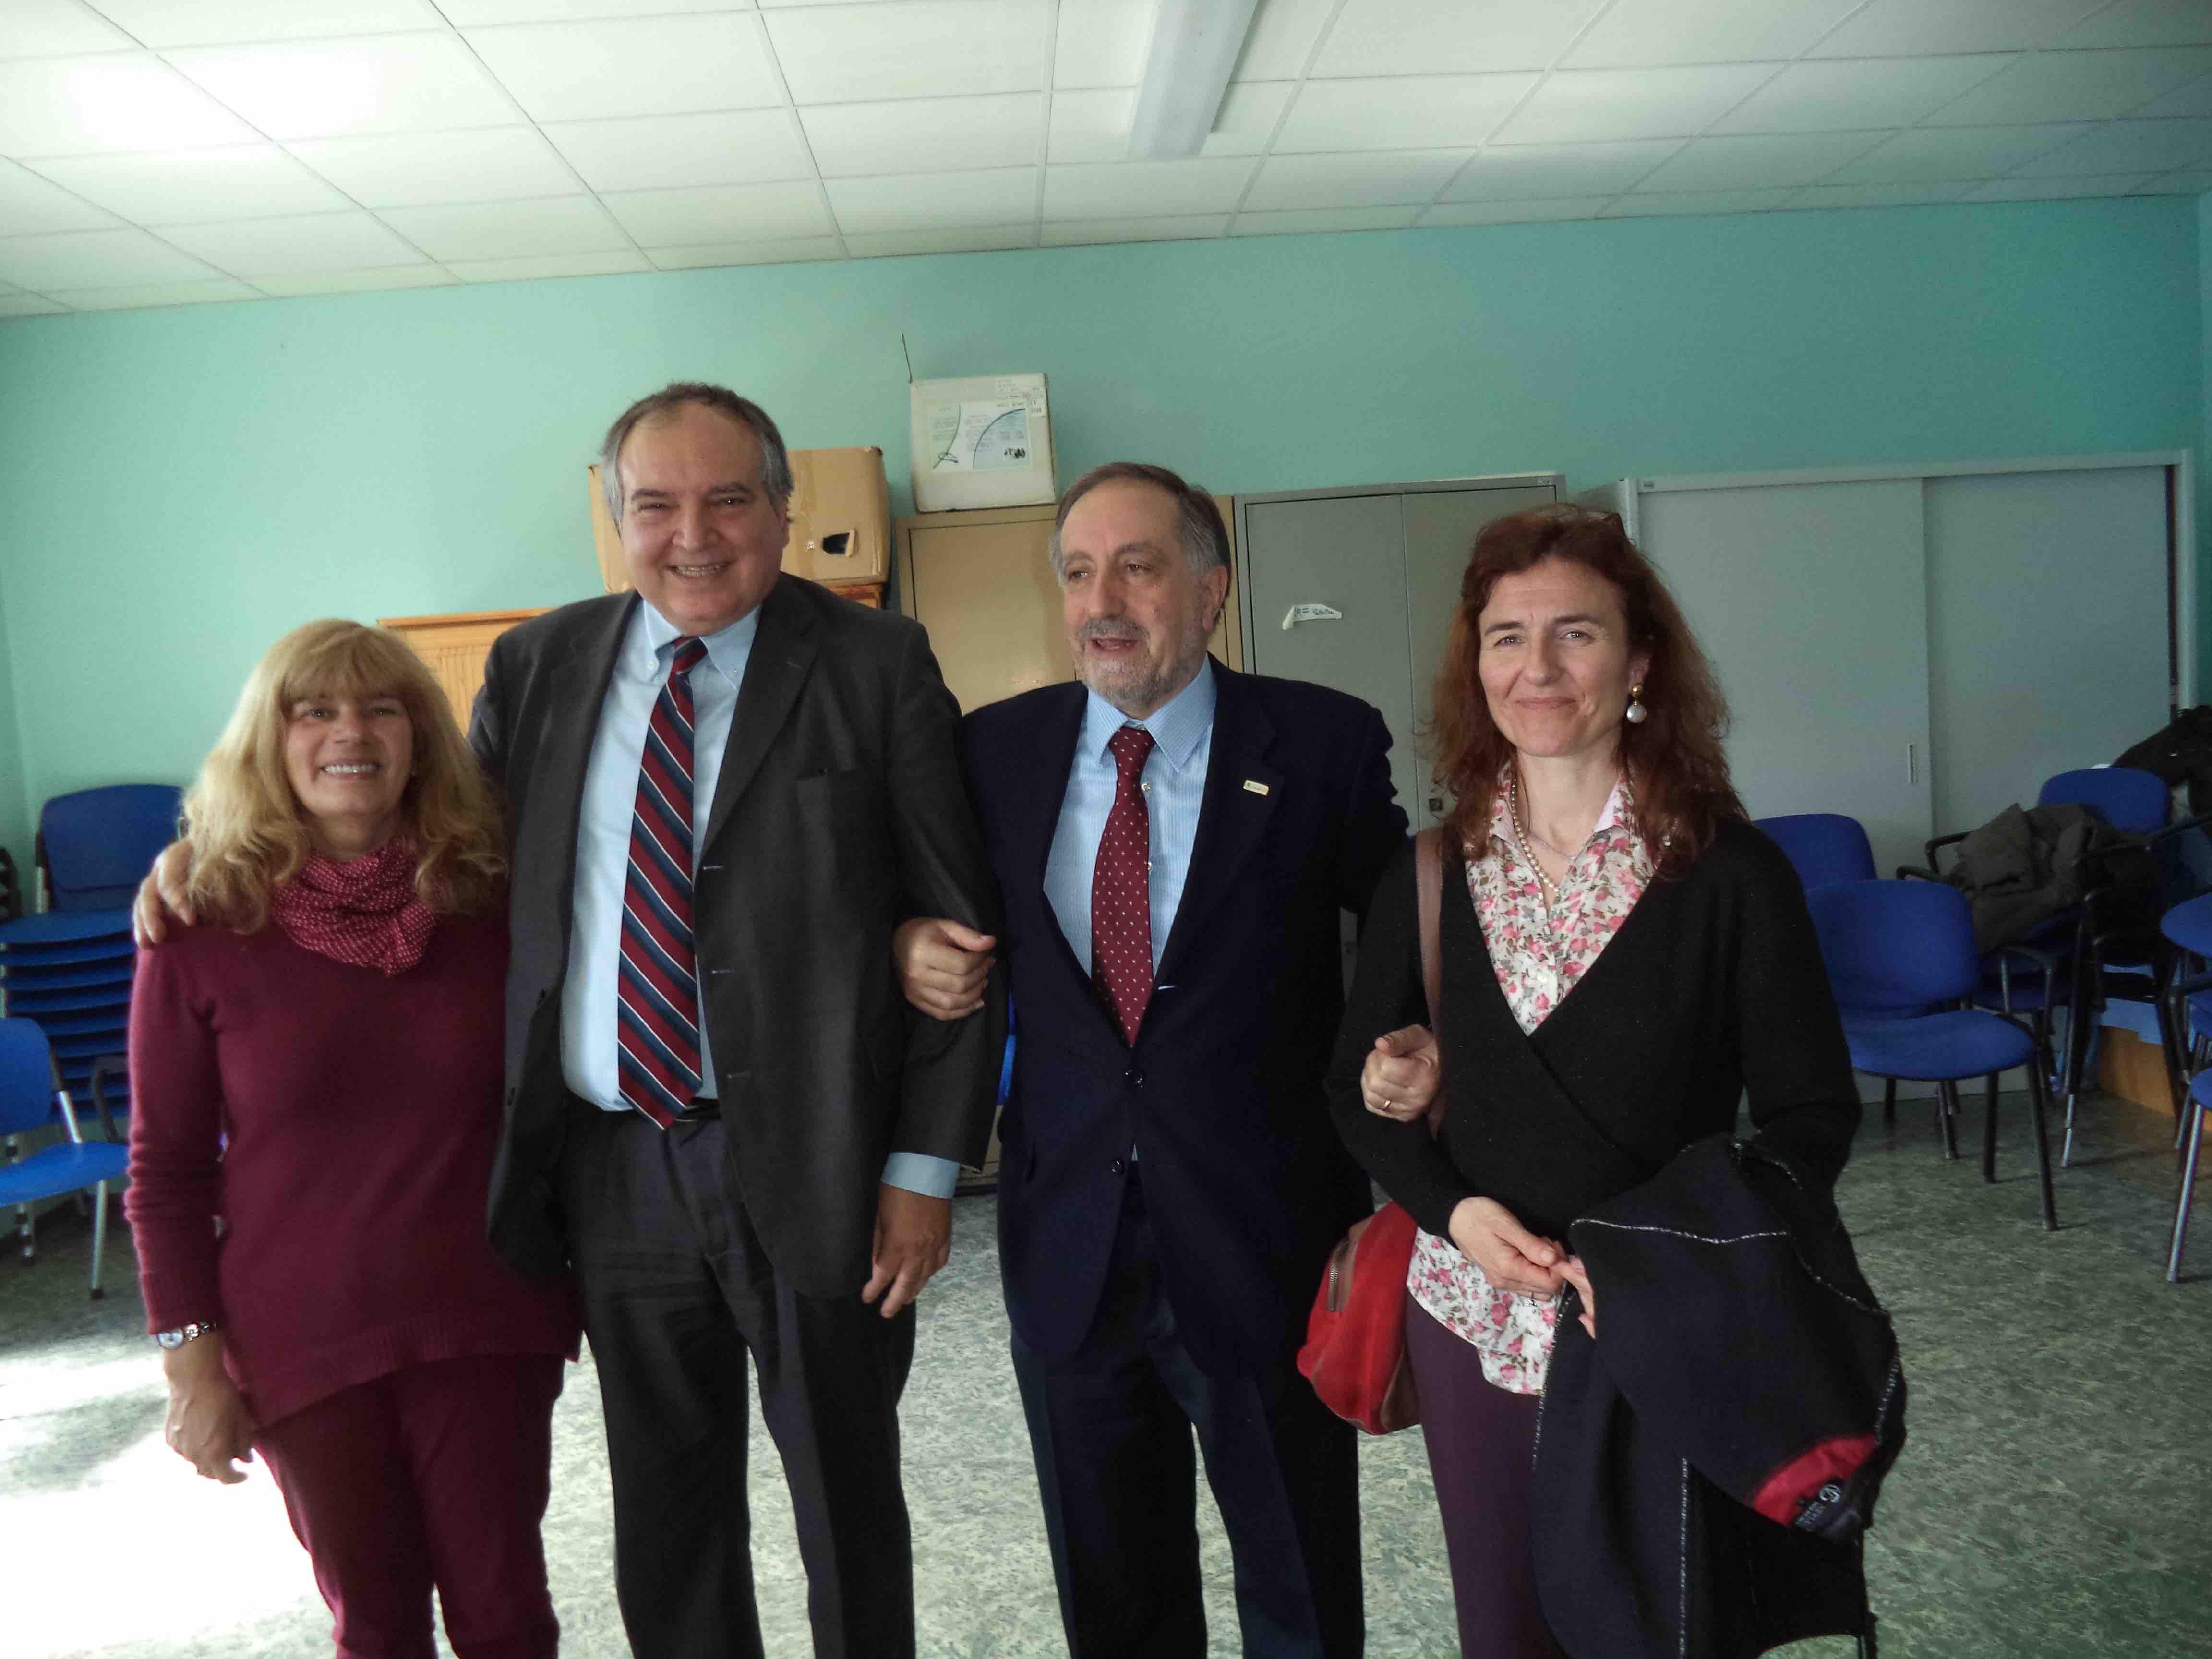 Da sinistra: il sindaco di Porte Laura Zoggia, l'ex direttore generale dell'AslTo3 Gaetano Cosenza, il sindaco di Pinerolo Eugenio Buttiero e Luisella Cesari, direttore sanitario dell'AslTo3